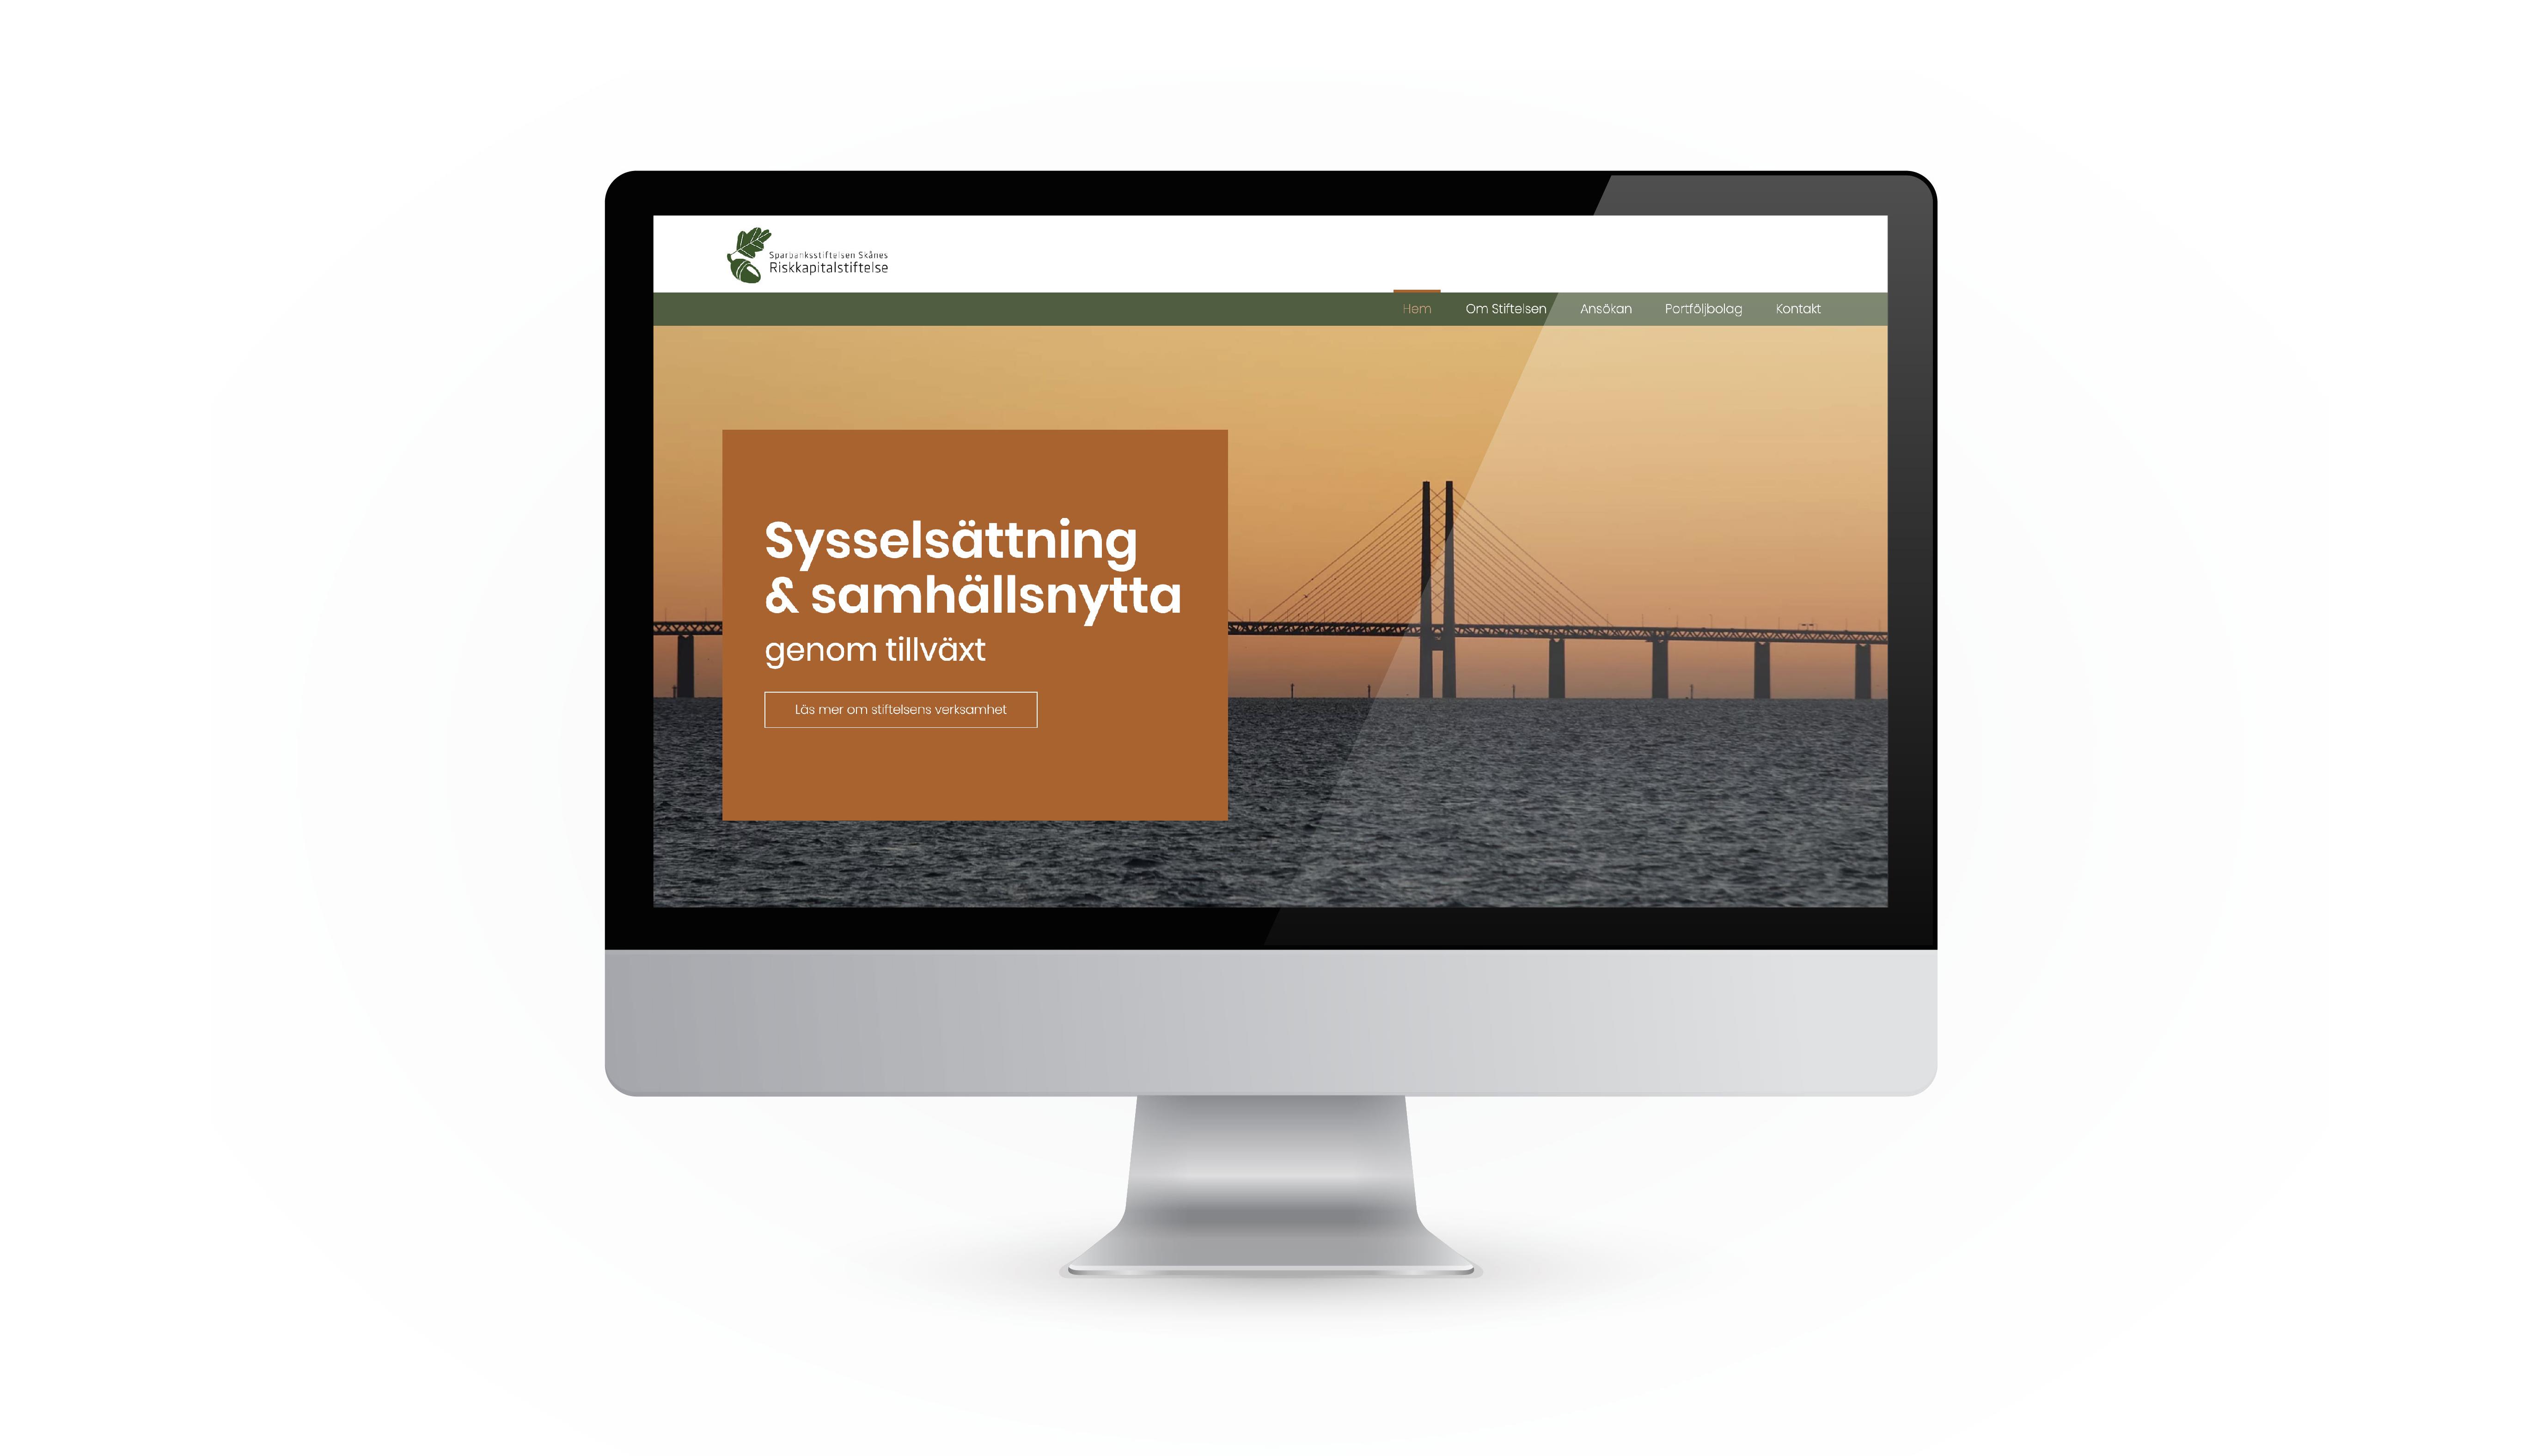 Sparbanksstiftelsen Skånes Riskkapitalstiftelse Website design